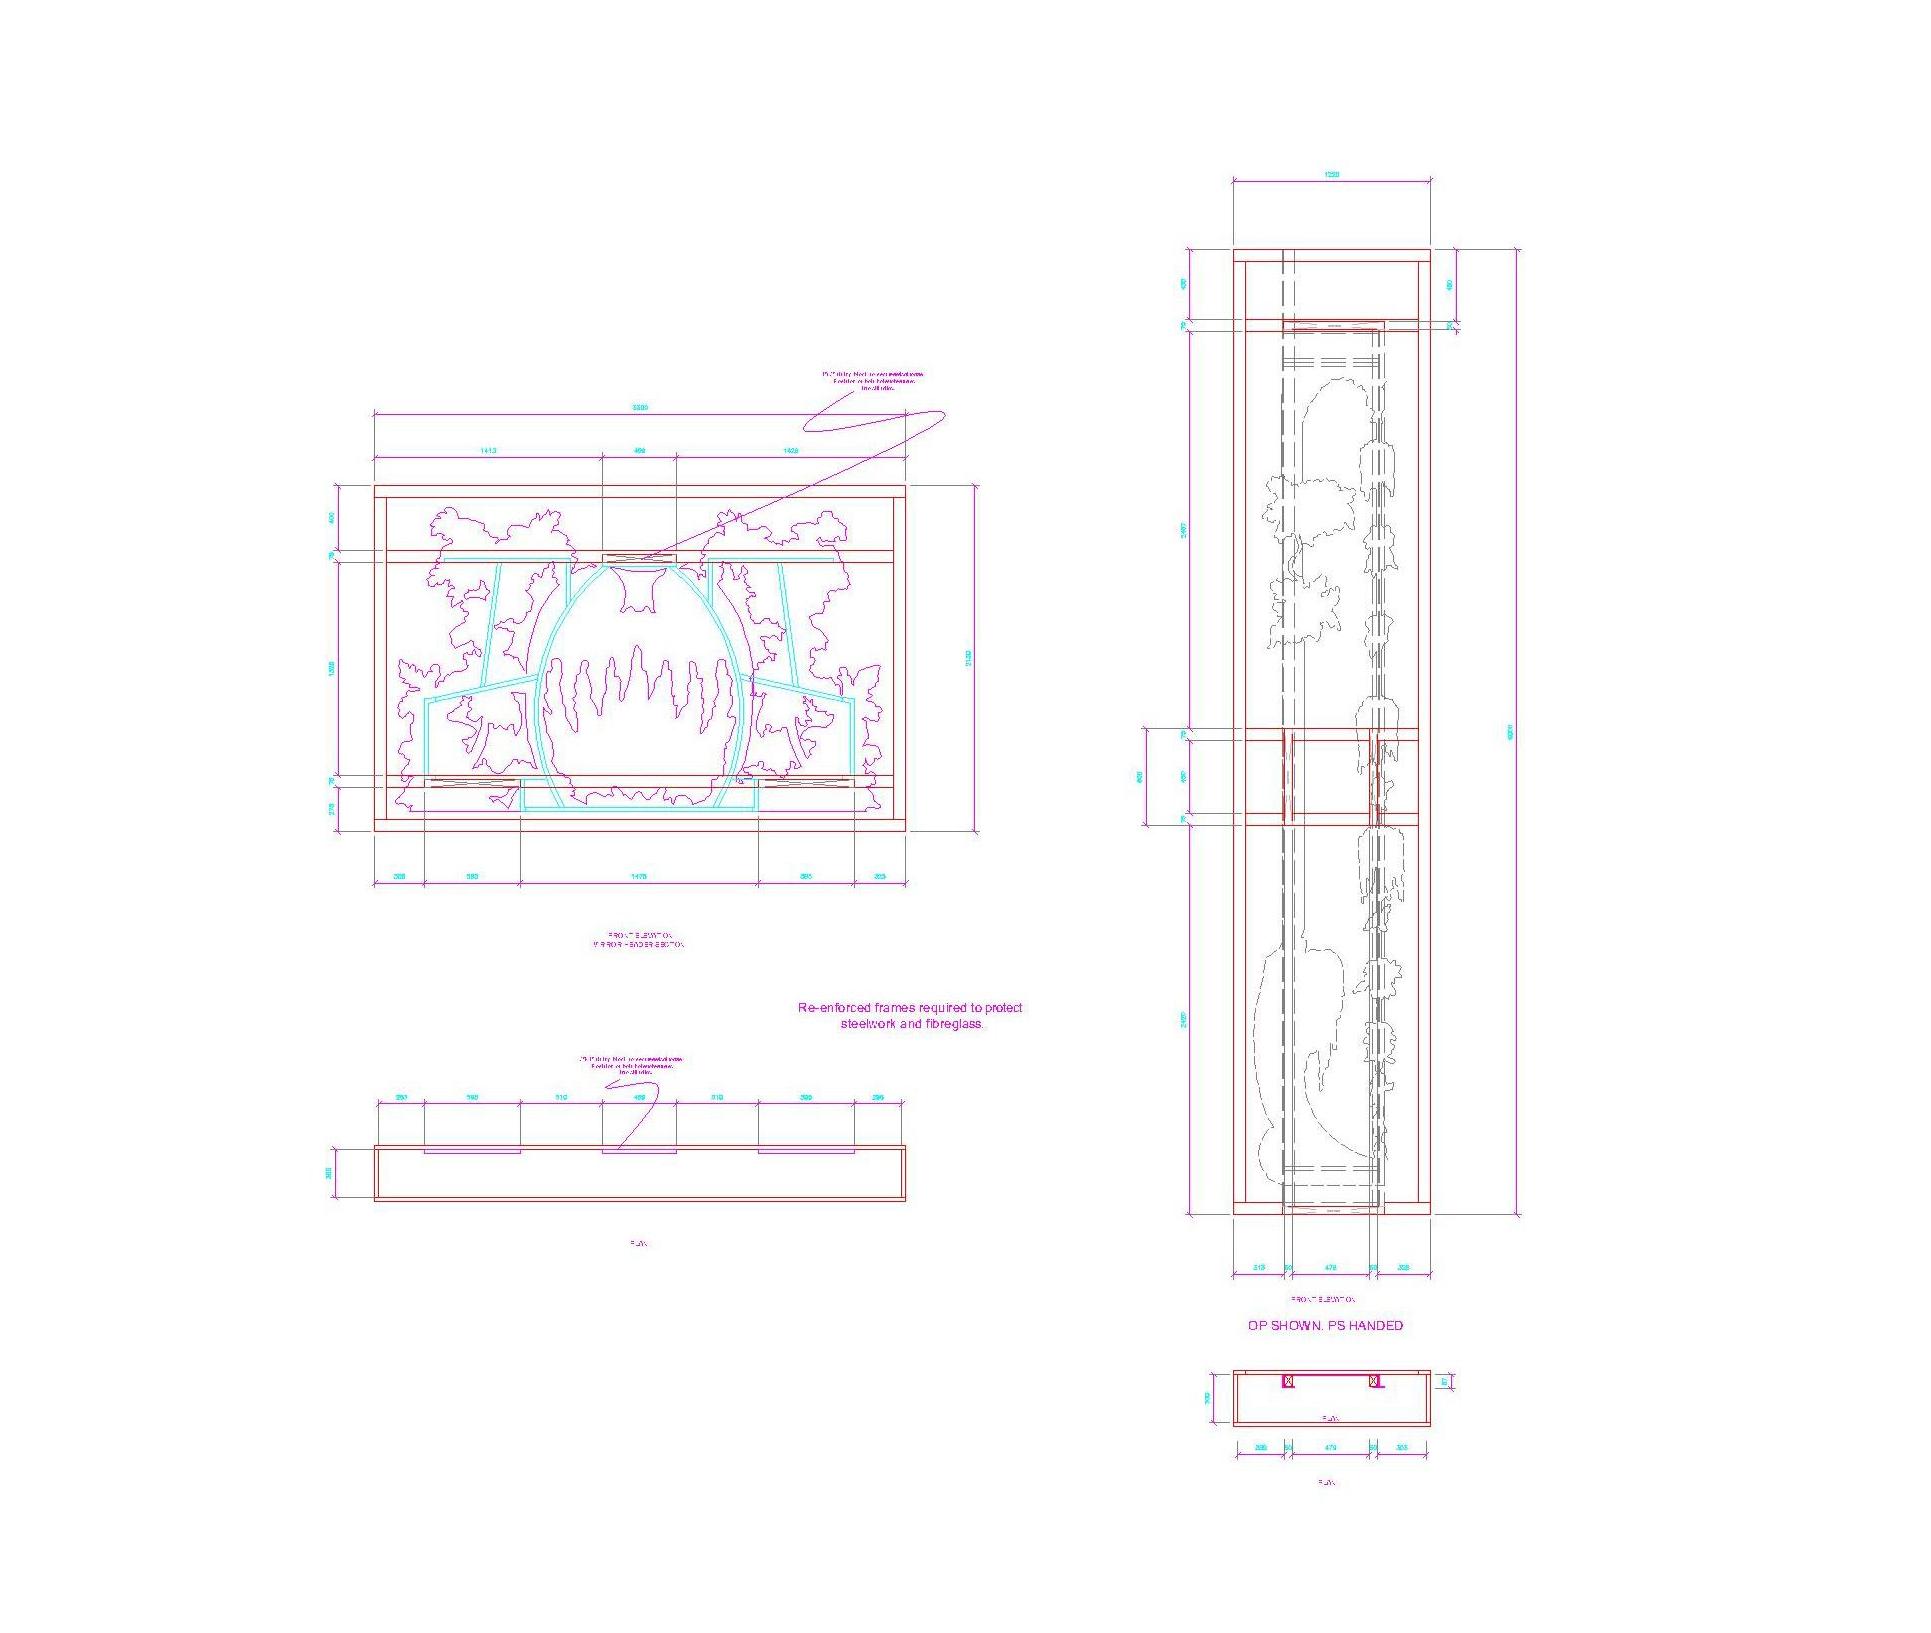 -flown-mirror-storage-crates-model